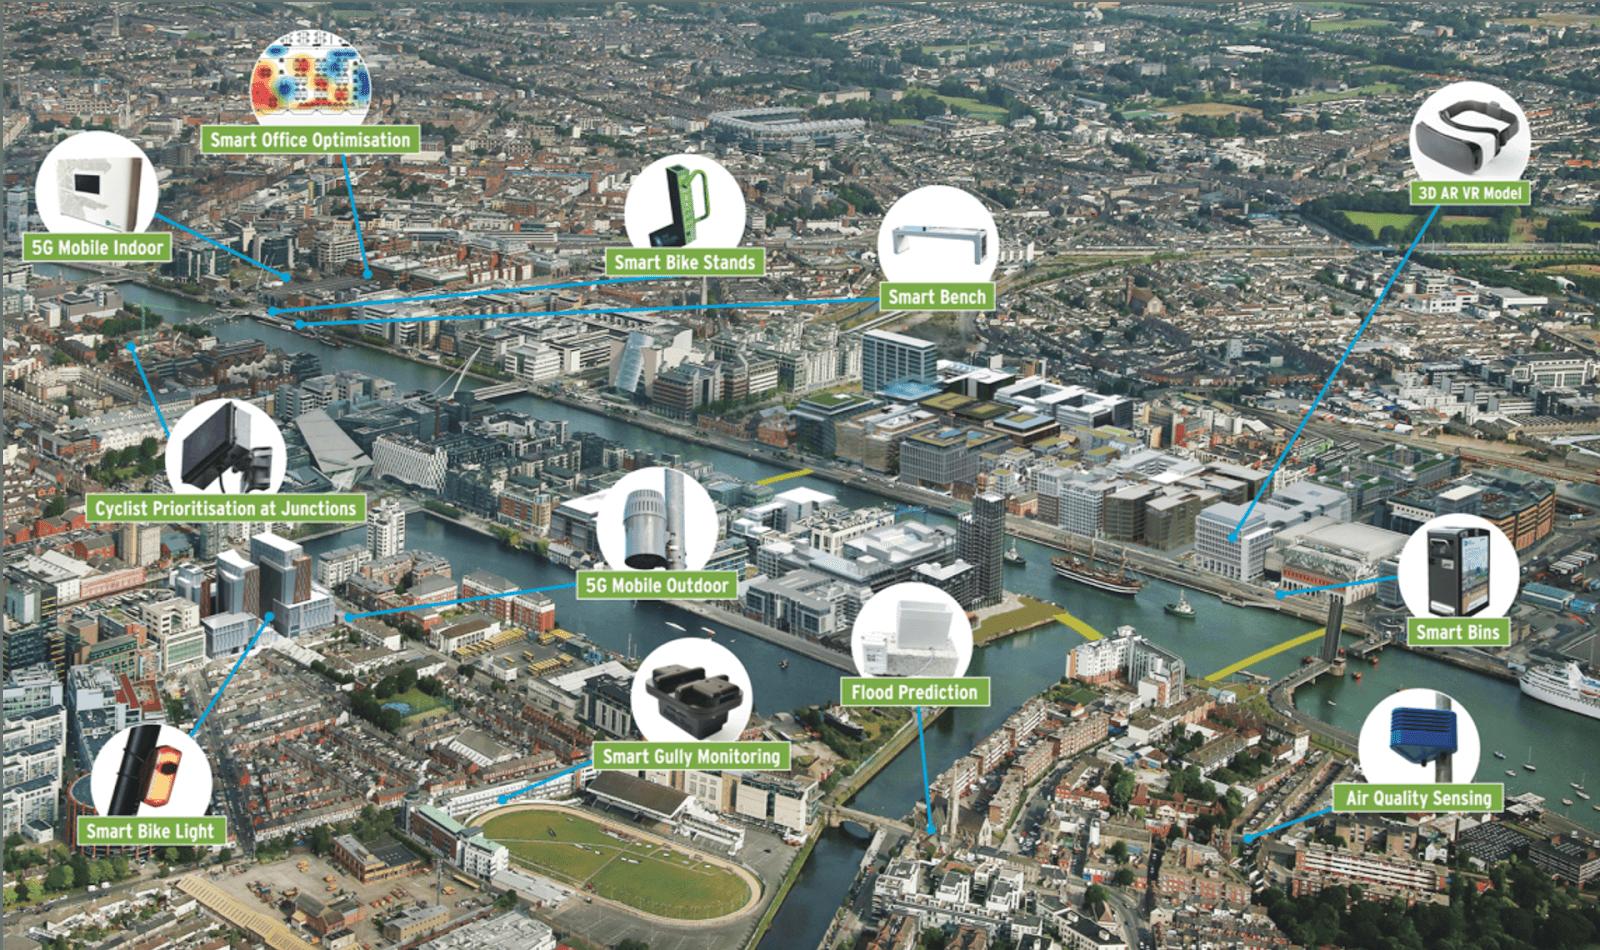 Innovation District vs Smart District smart docklands image